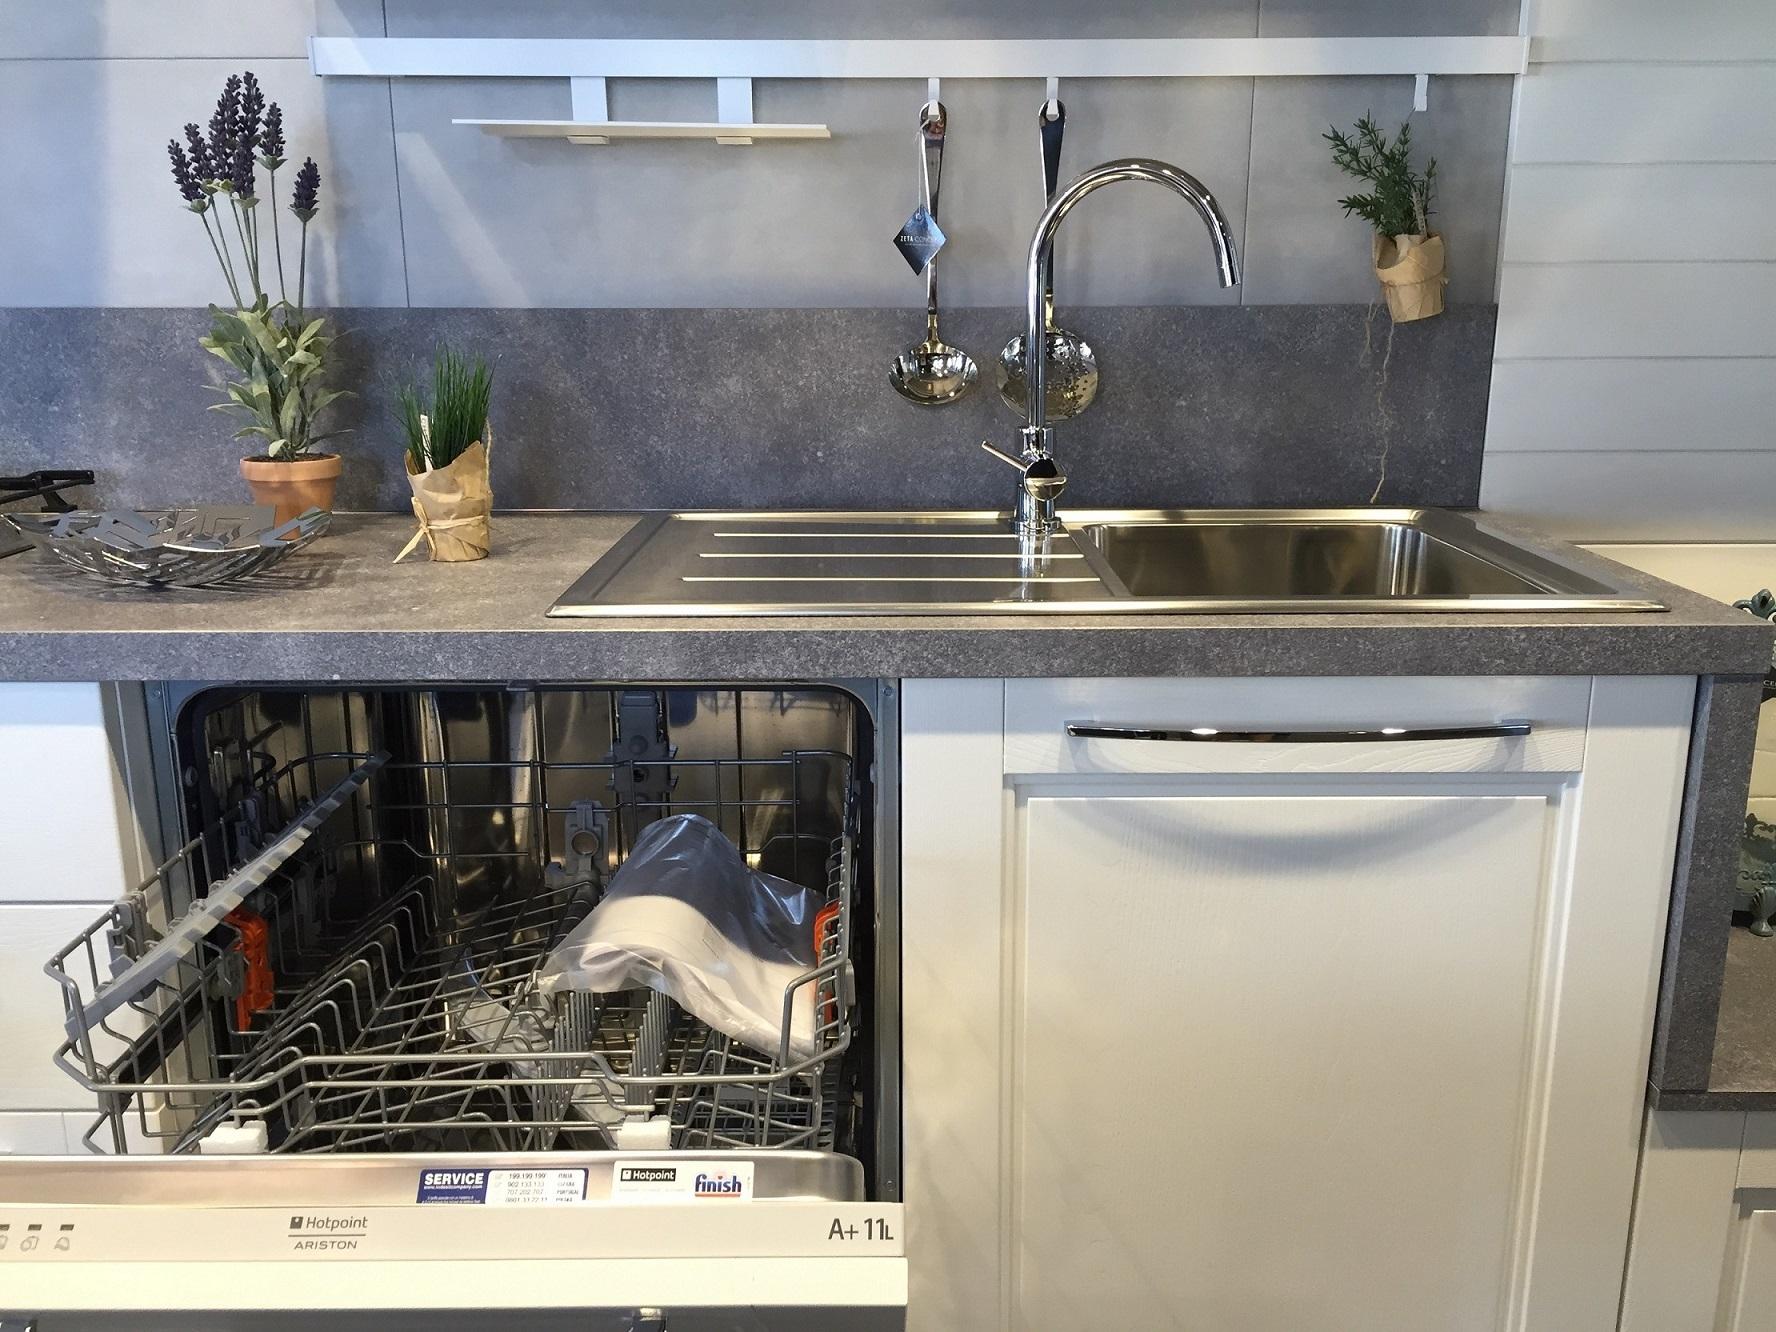 Lavatrice sotto lavandino elegant mobile with lavatrice sotto lavandino free rubinetto sotto - Ikea mobile lavastoviglie ...